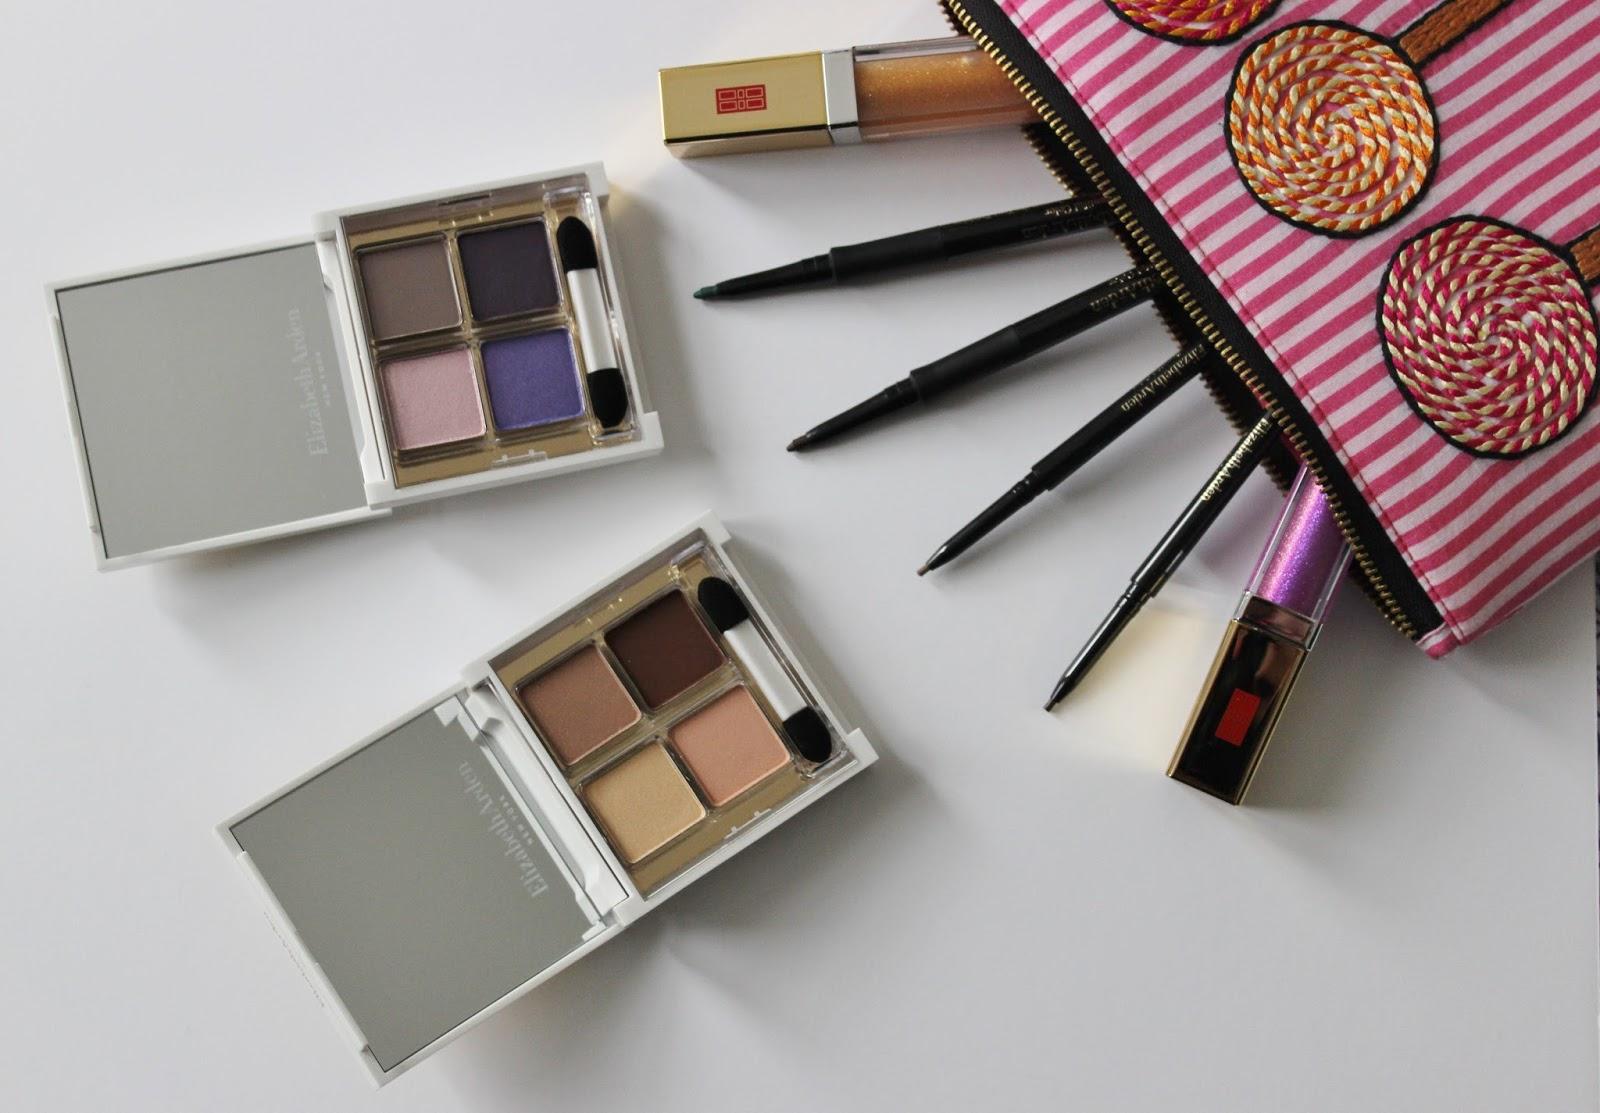 Elizabeth Arden untold aw14 makeup launches